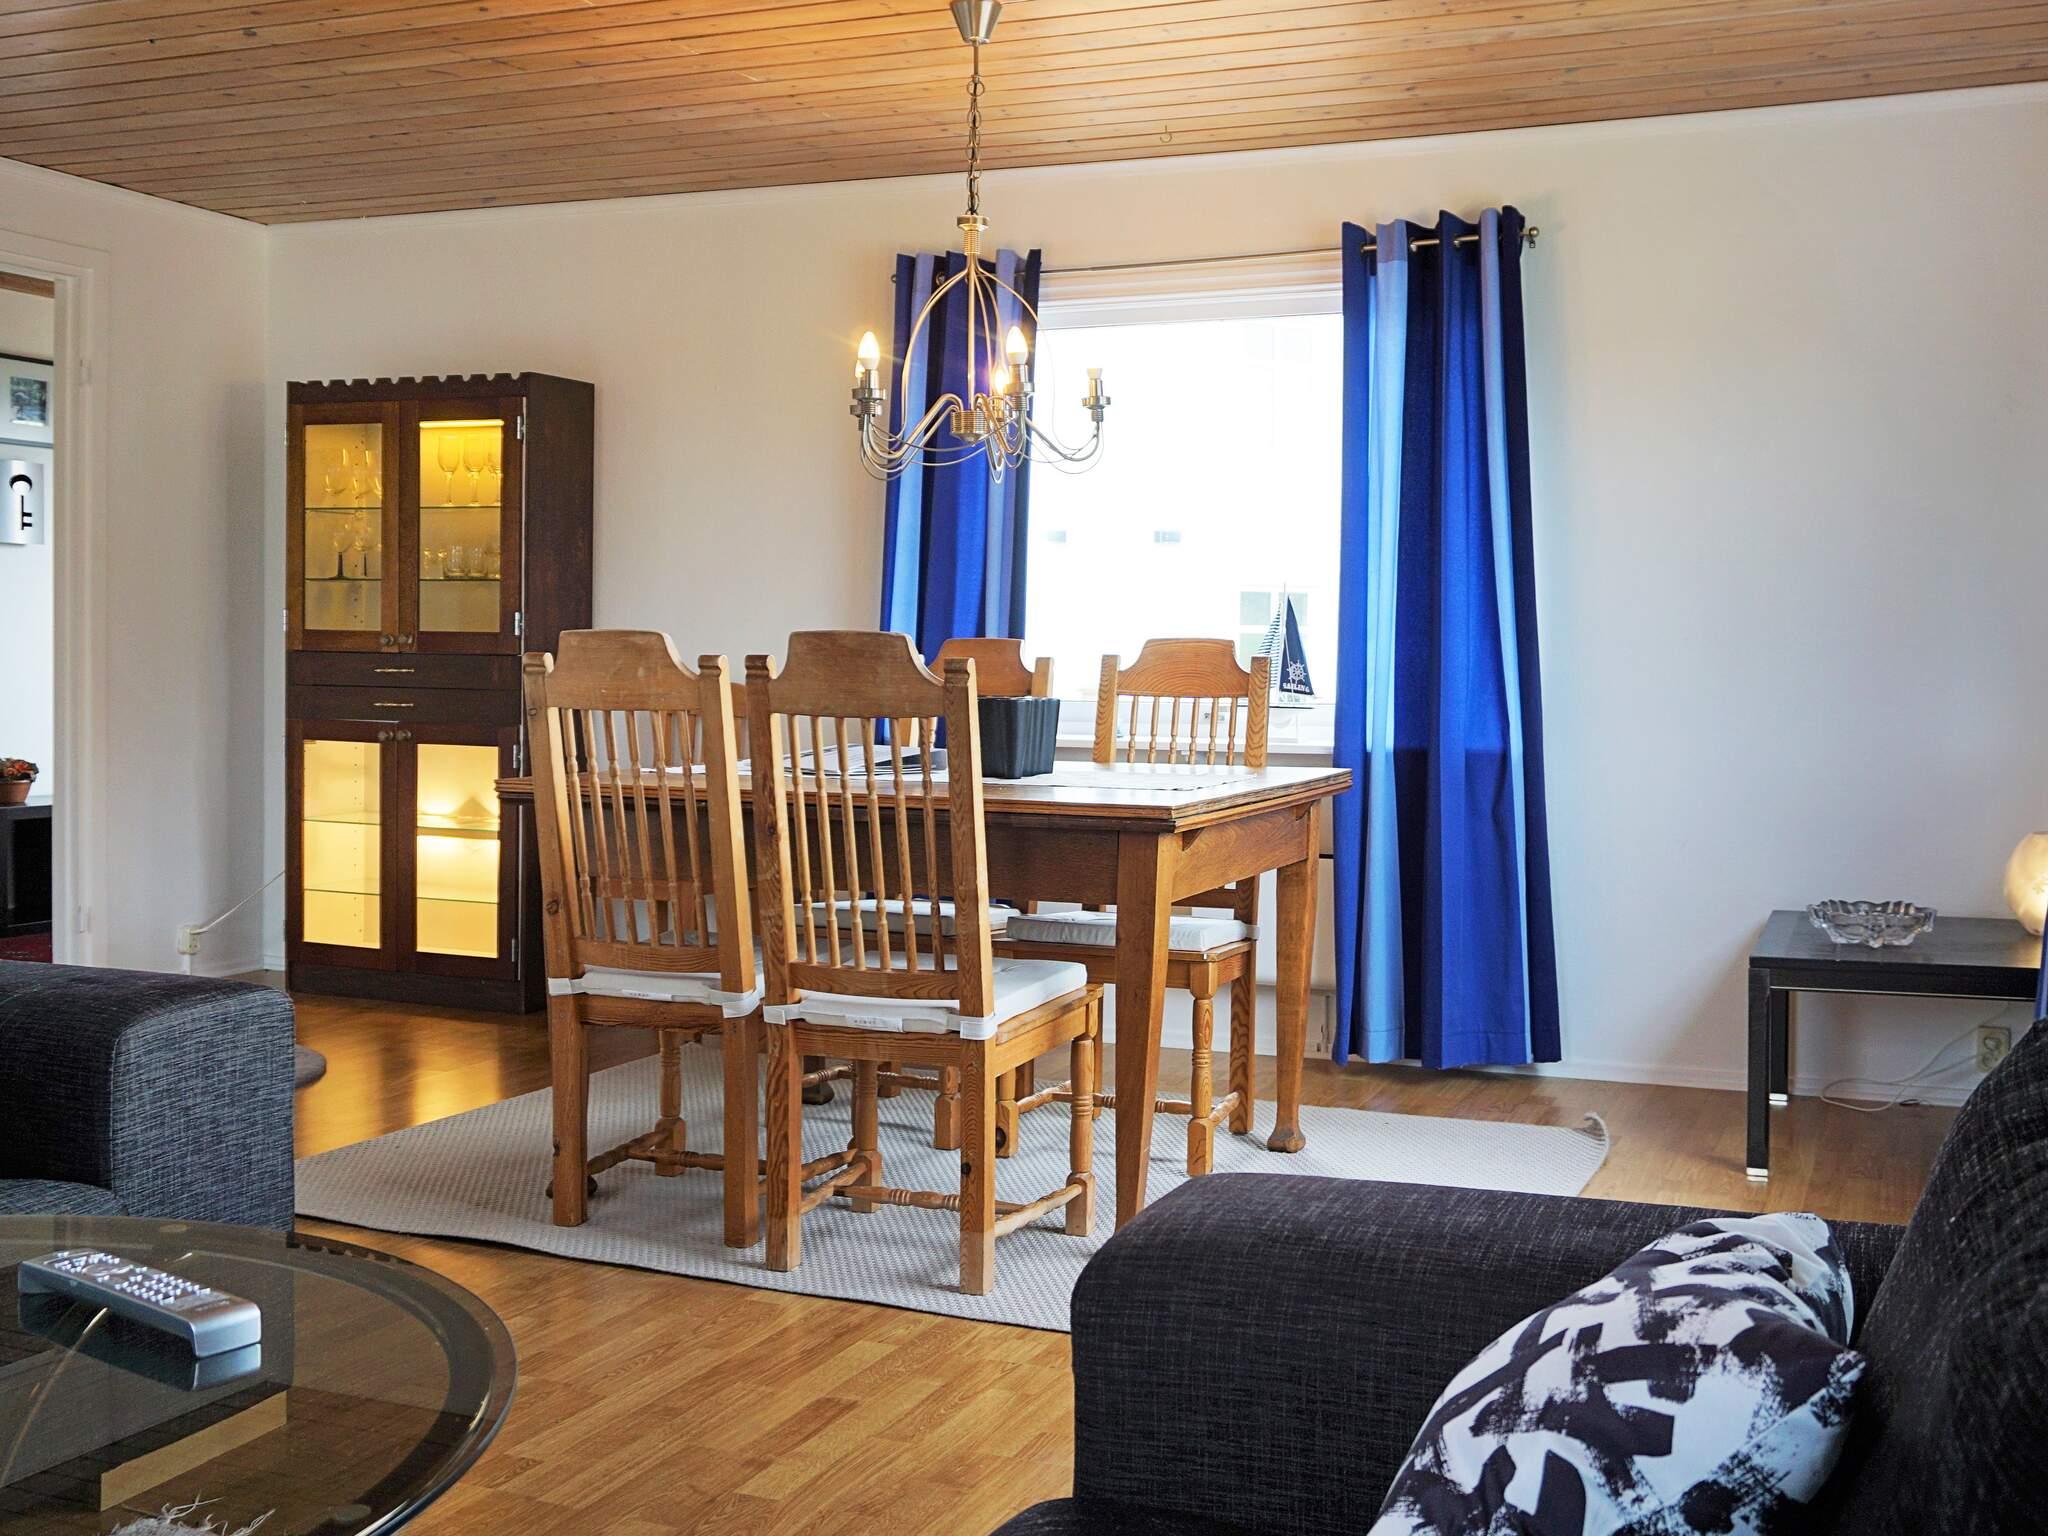 Ferienhaus Väjern (2636847), Kungshamn, Västra Götaland län, Westschweden, Schweden, Bild 5